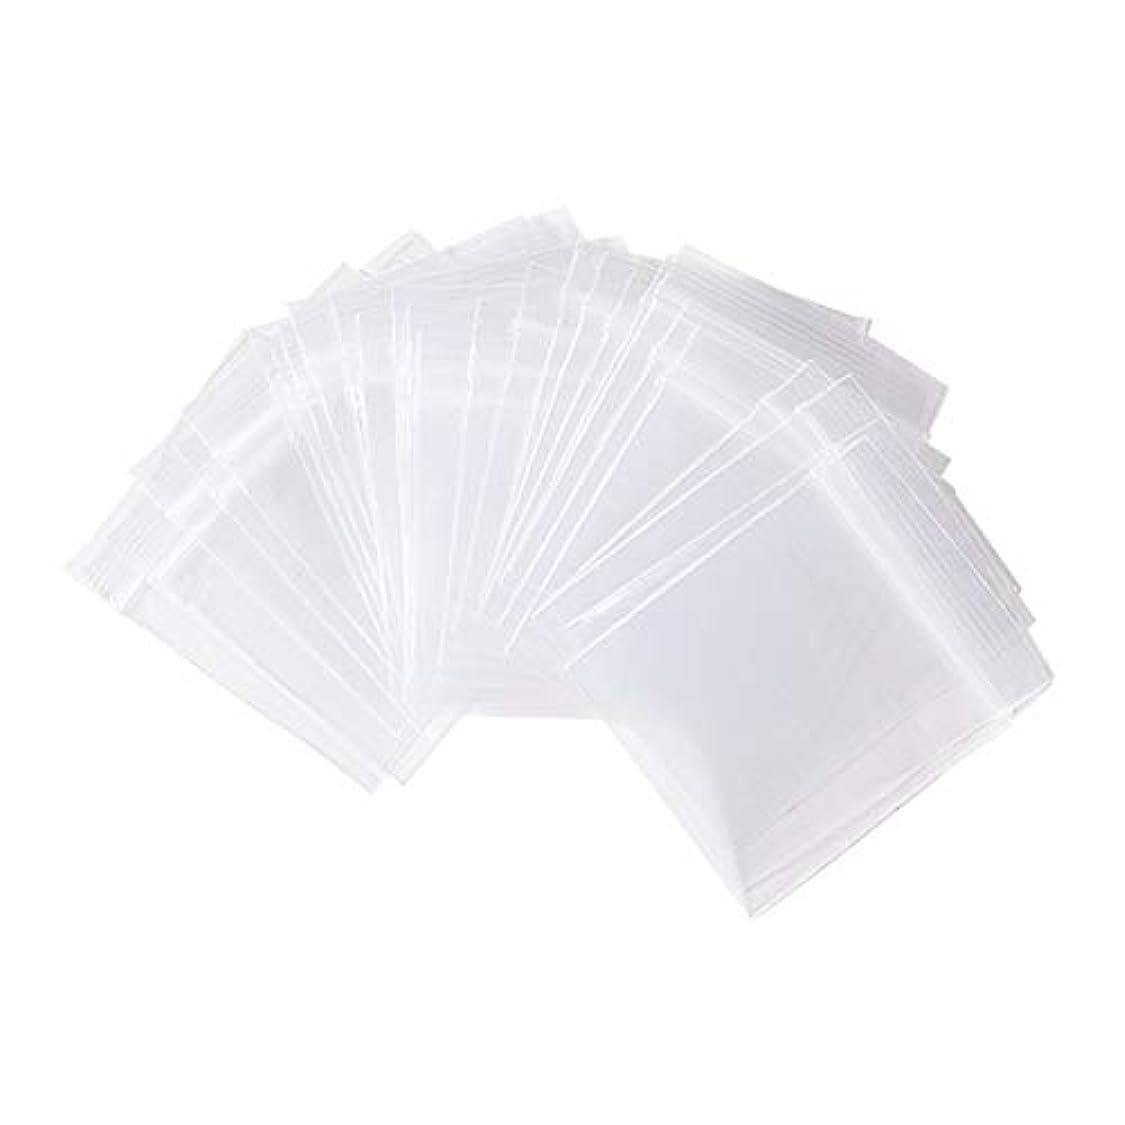 自分のナチュラル二層OLYCRAFT 1000枚 チャック袋 5x4cm 透明 チャック付 ポリ袋 ジッパー式 片側厚さ0.05mm 無地タイプ プラスチック リサイクル可能 小分け収納袋 お菓子 小物入れ クリア